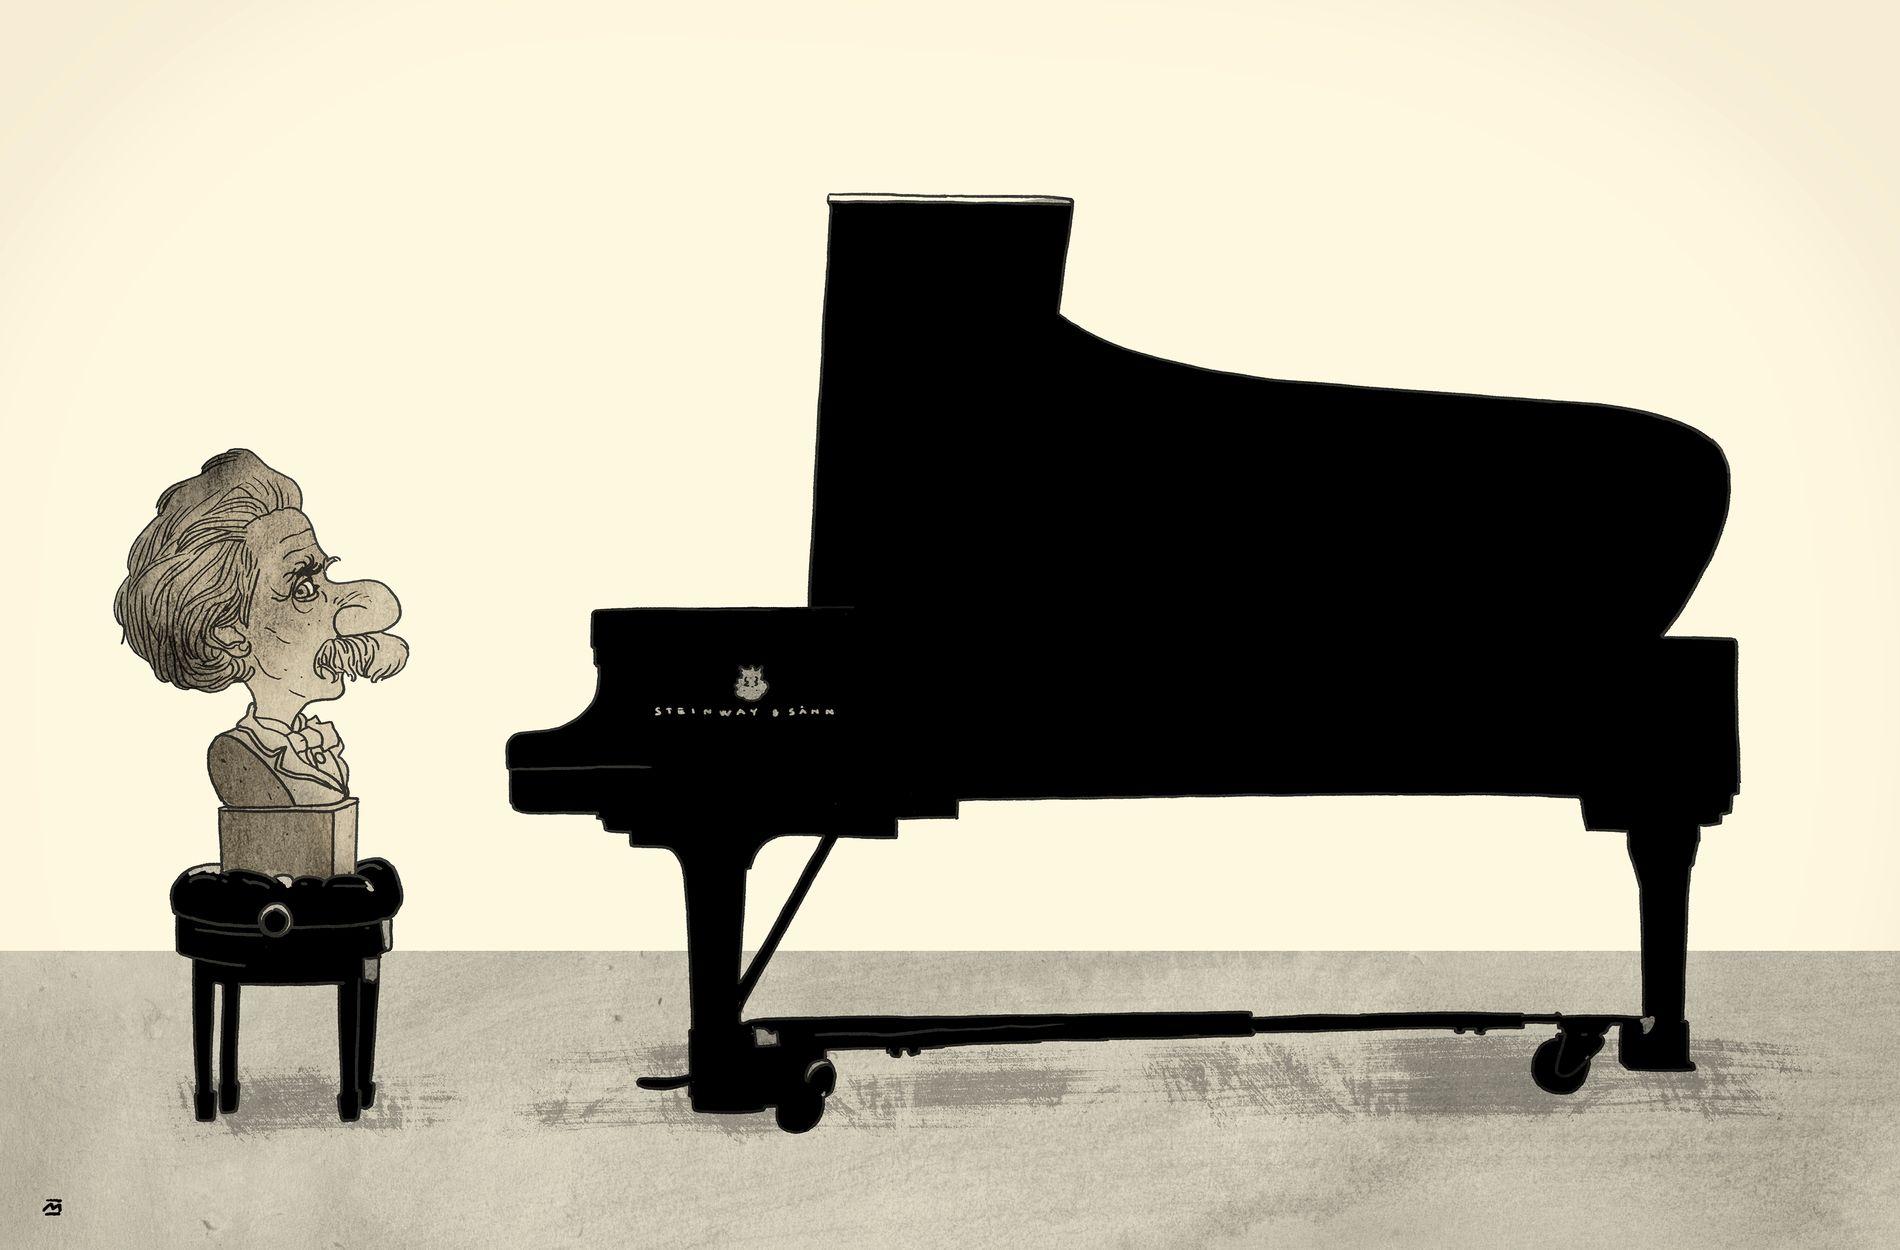 GRIEG OG BERGEN: Utfordringen er å unngå at Grieg blir redusert til pynt og porselen, et Spotify-spor til lokalpatriotismen vår, en klisje, skriver Frode Bjerkestrand.